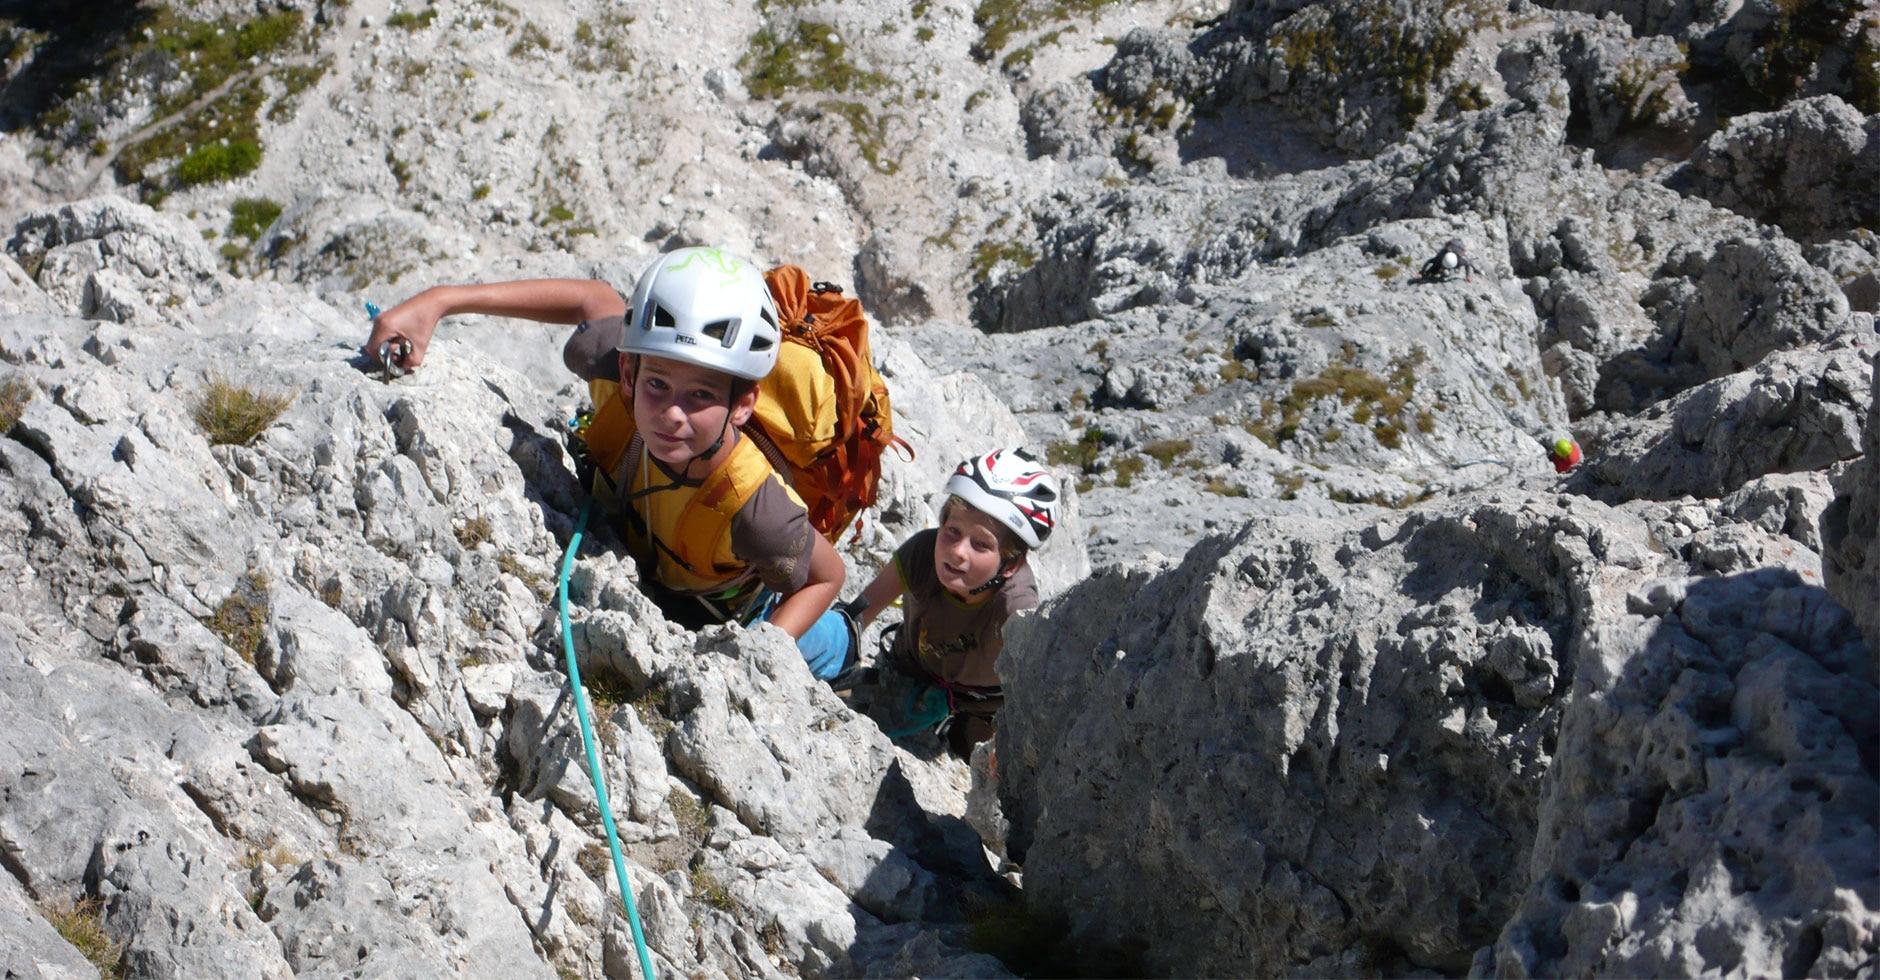 Klettergurt Kinder 8 Jahren : Klettern mit kindern ausrüstungstipps bergwelten